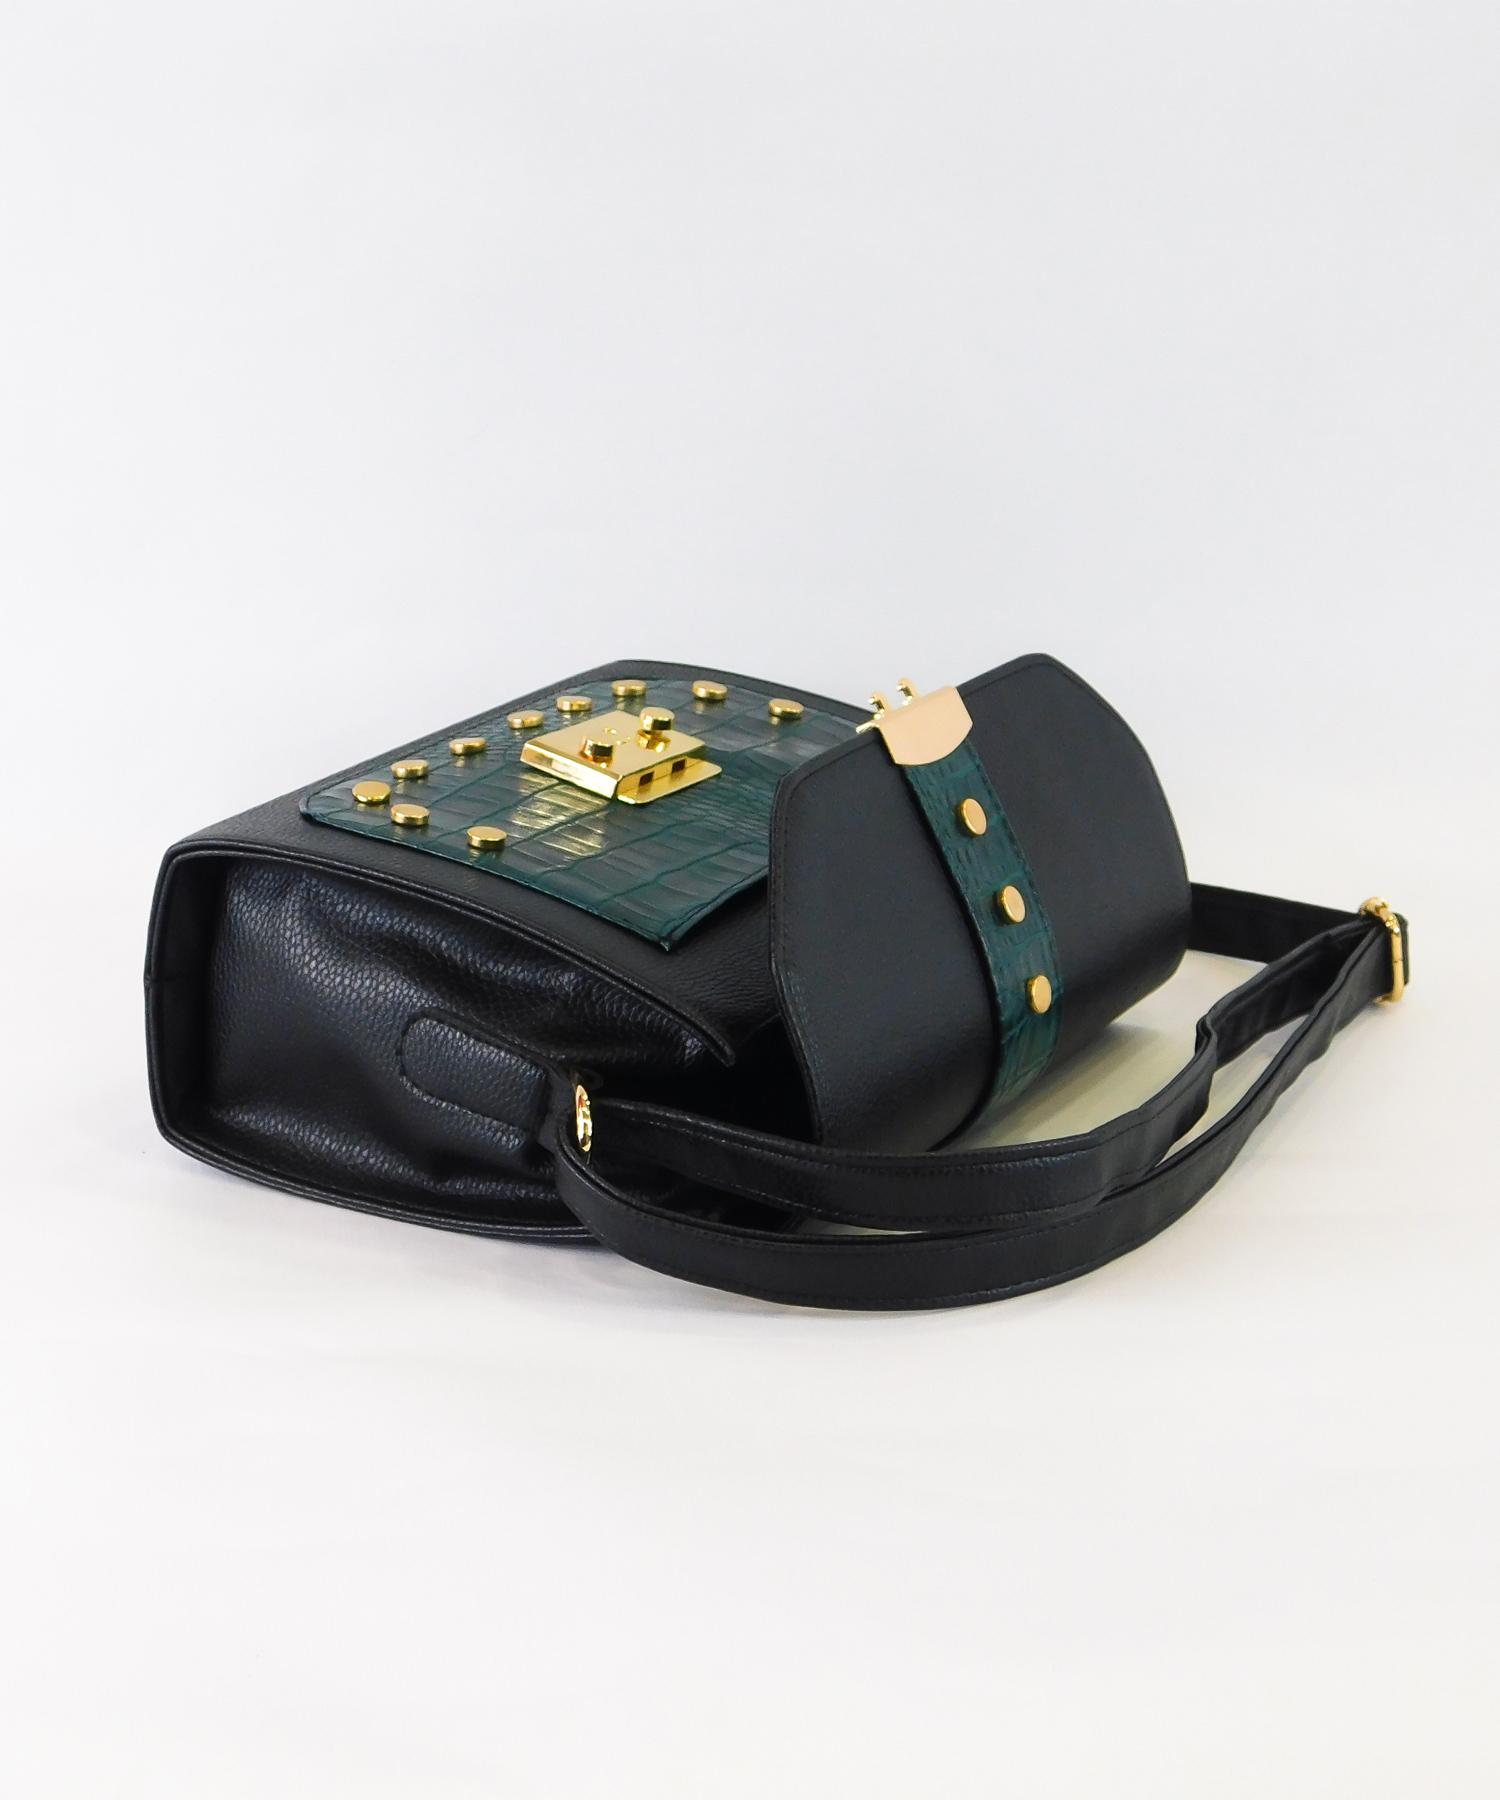 Τσάντα με Τρουκς Μαύρη με Κυπαρισσί